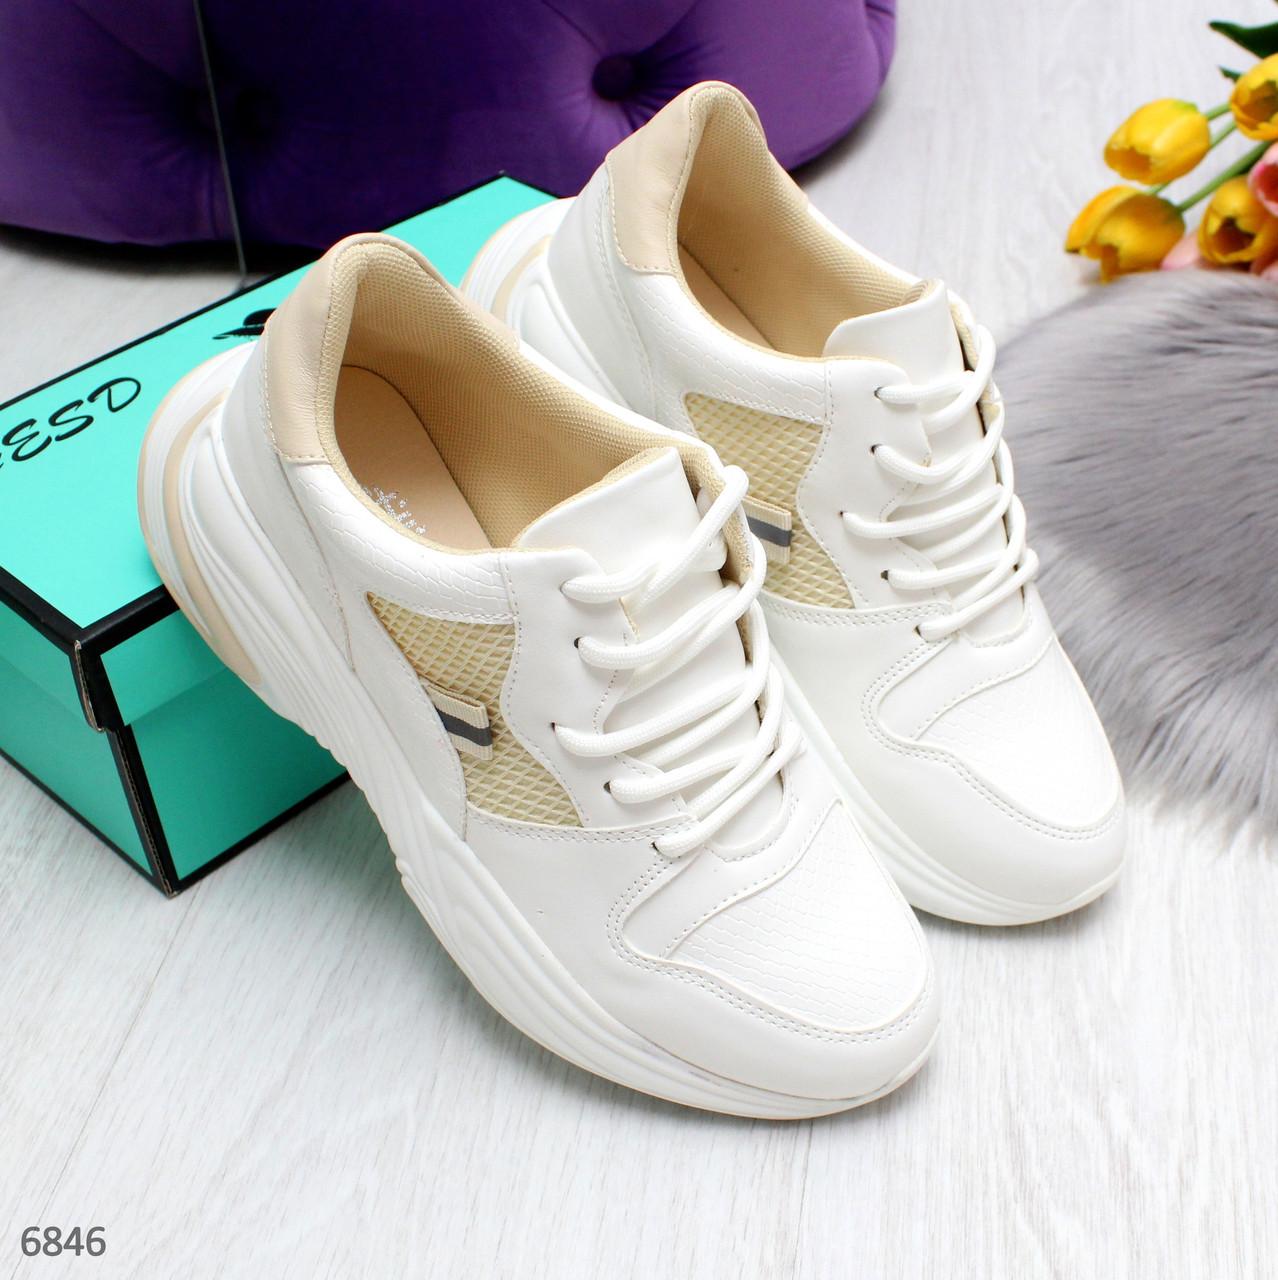 Женские белые спортивные кроссовки с вставками сетки BO6846